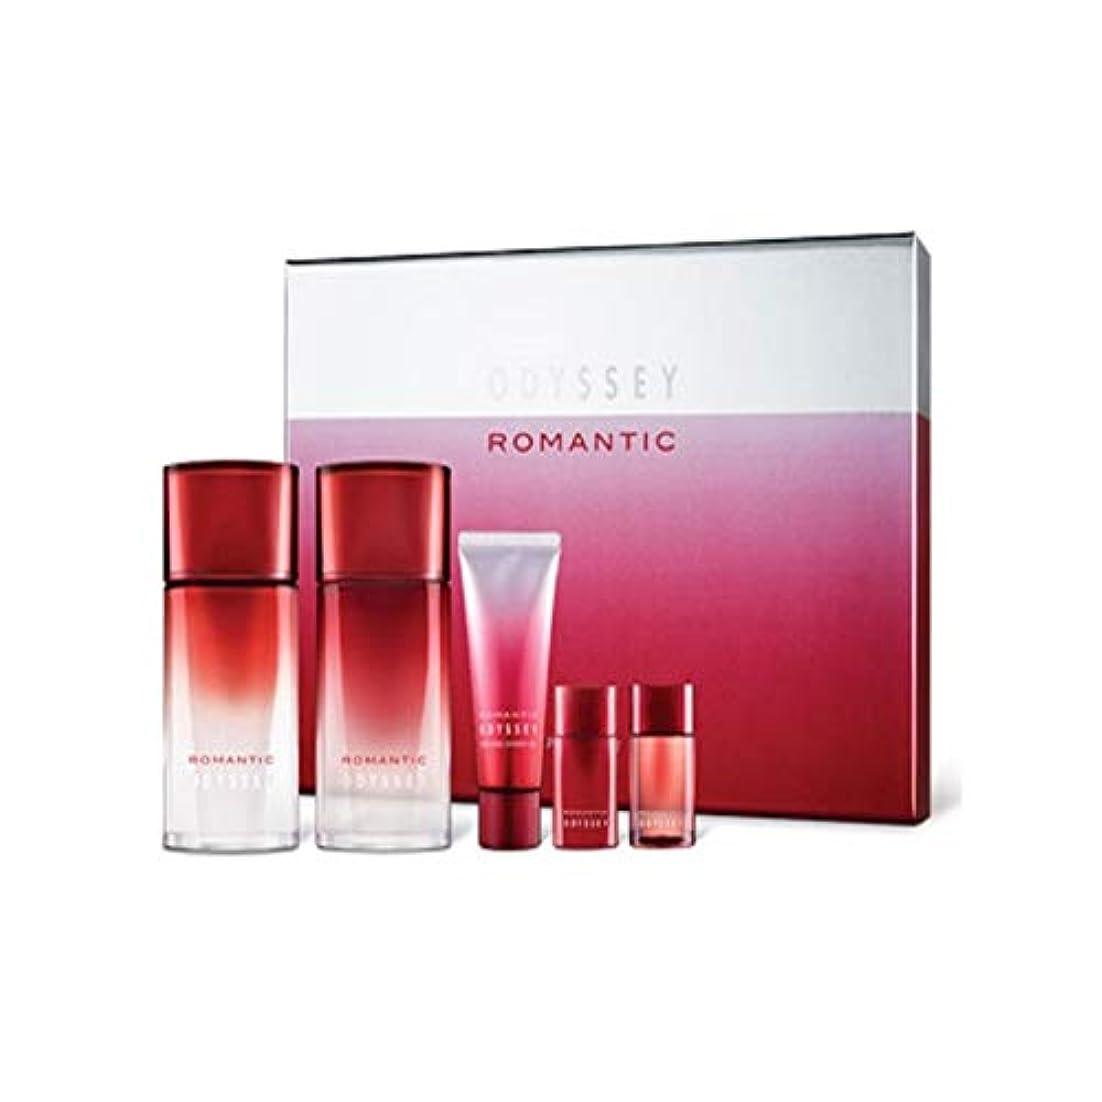 ドーム虐待毎月オデッセイロマンチックスキンリファイナーローションセットメンズコスメ韓国コスメ、Odyssey Romantic Skin Refiner Lotion Set Men's Cosmetics Korean Cosmetics...